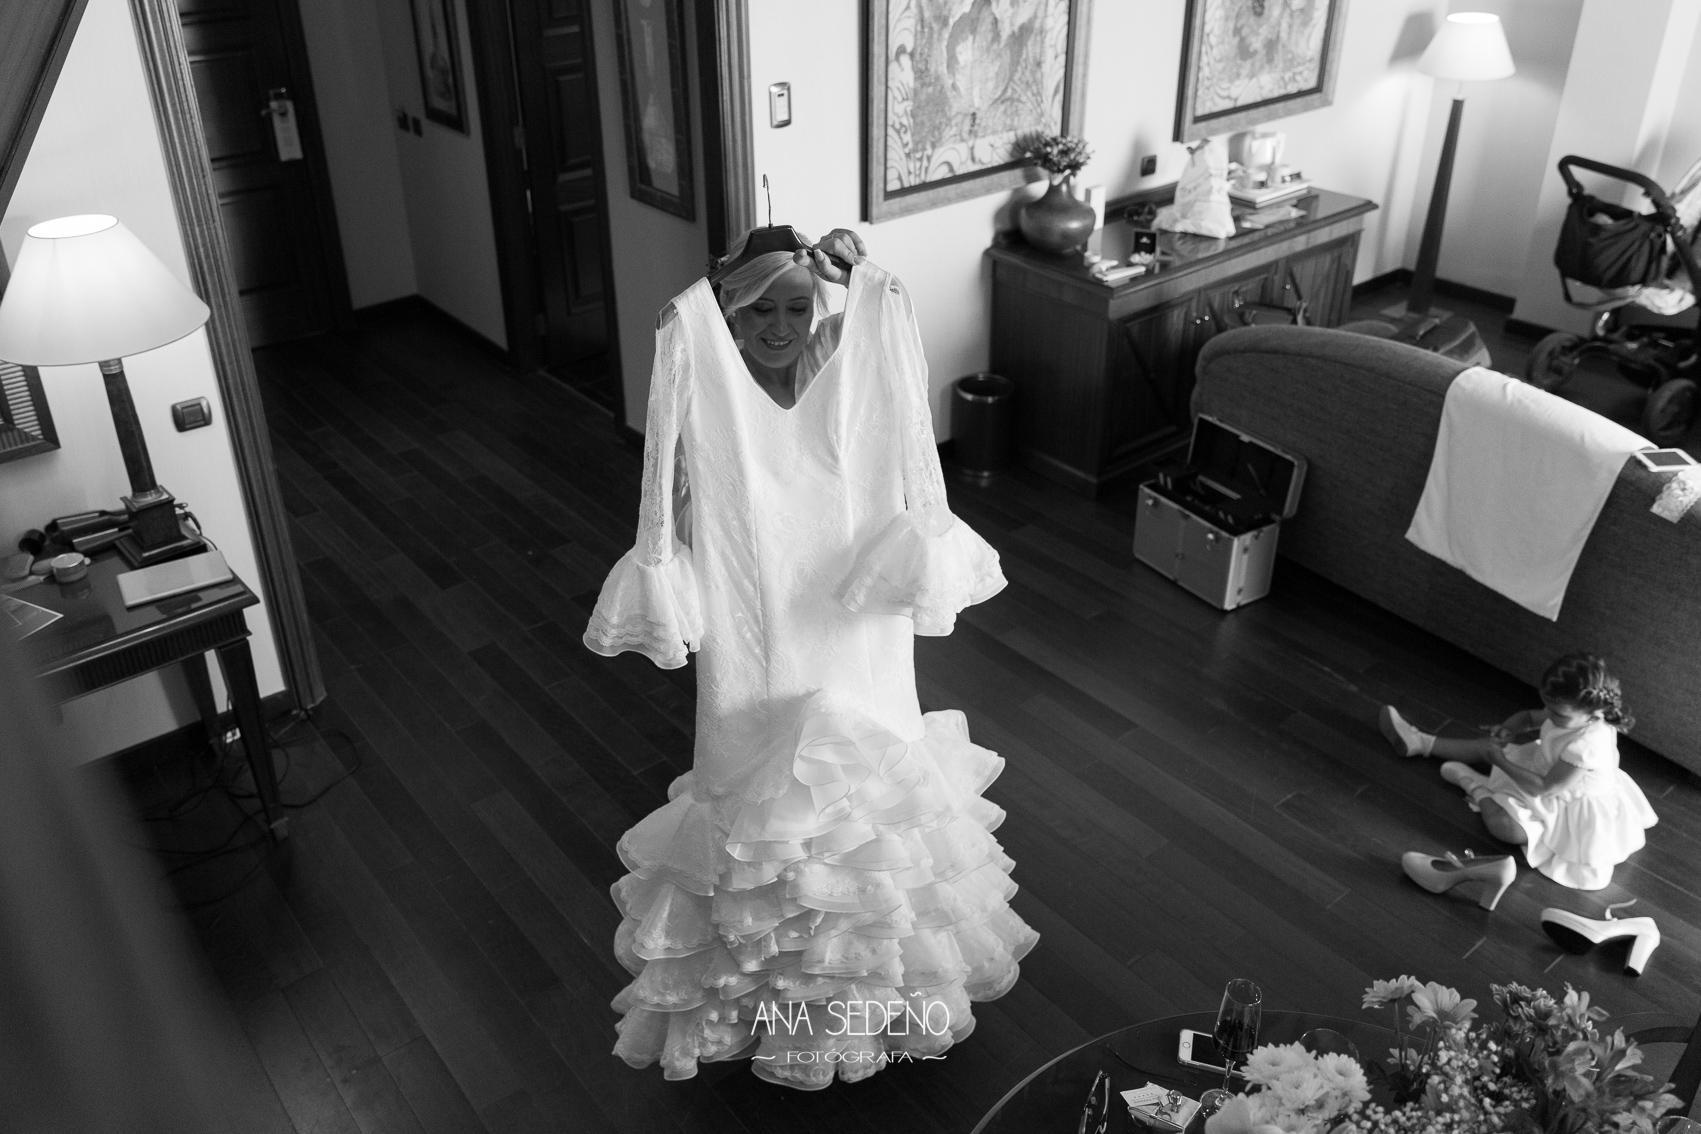 Ana Sedeño Fotografa.-BJ&R-0198